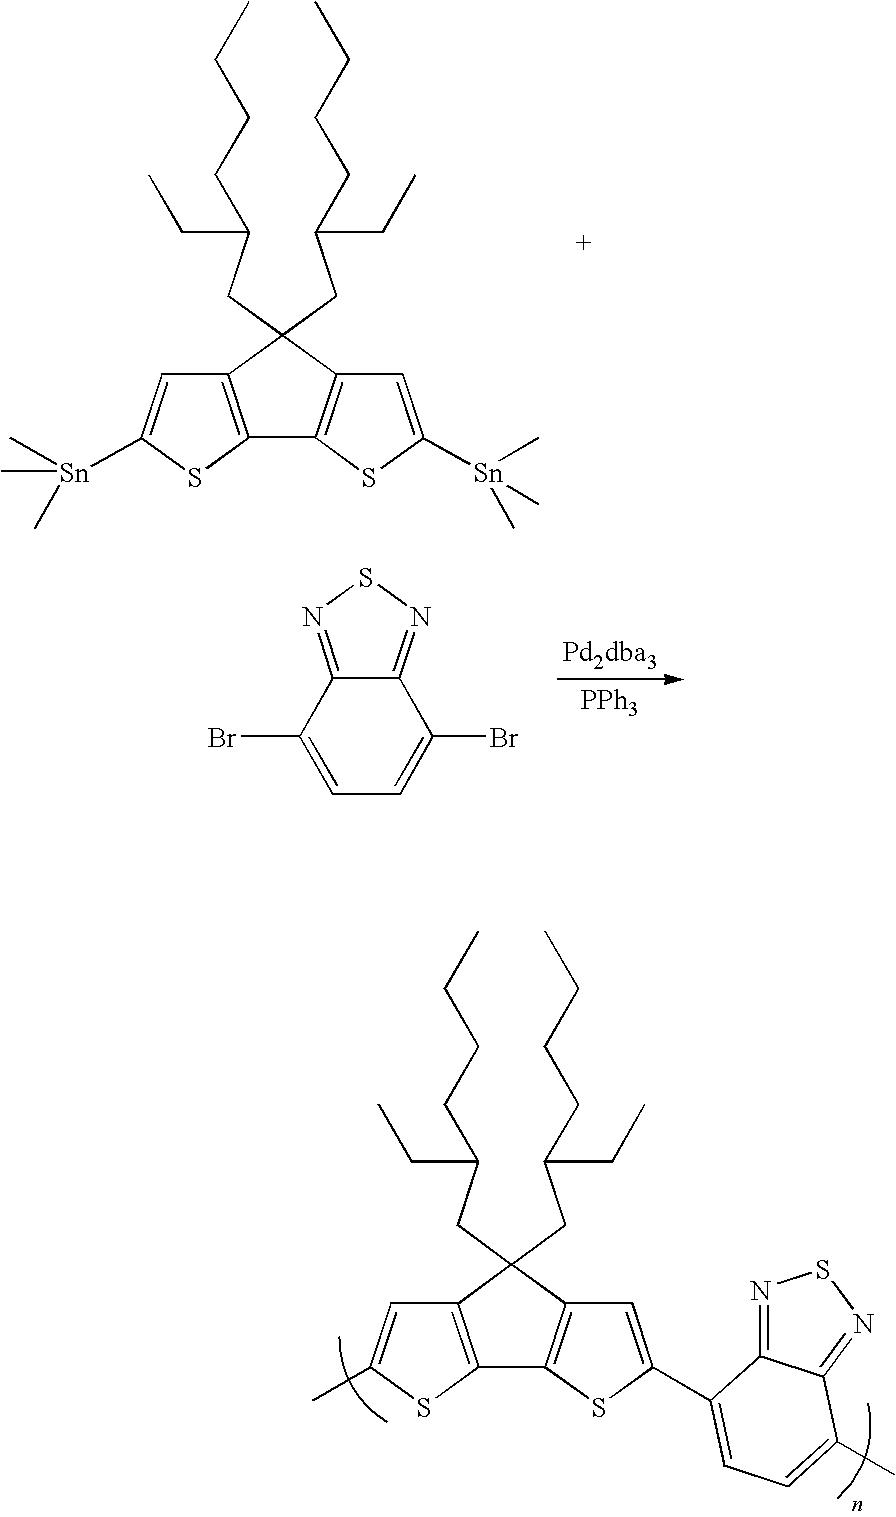 Figure US07781673-20100824-C00031